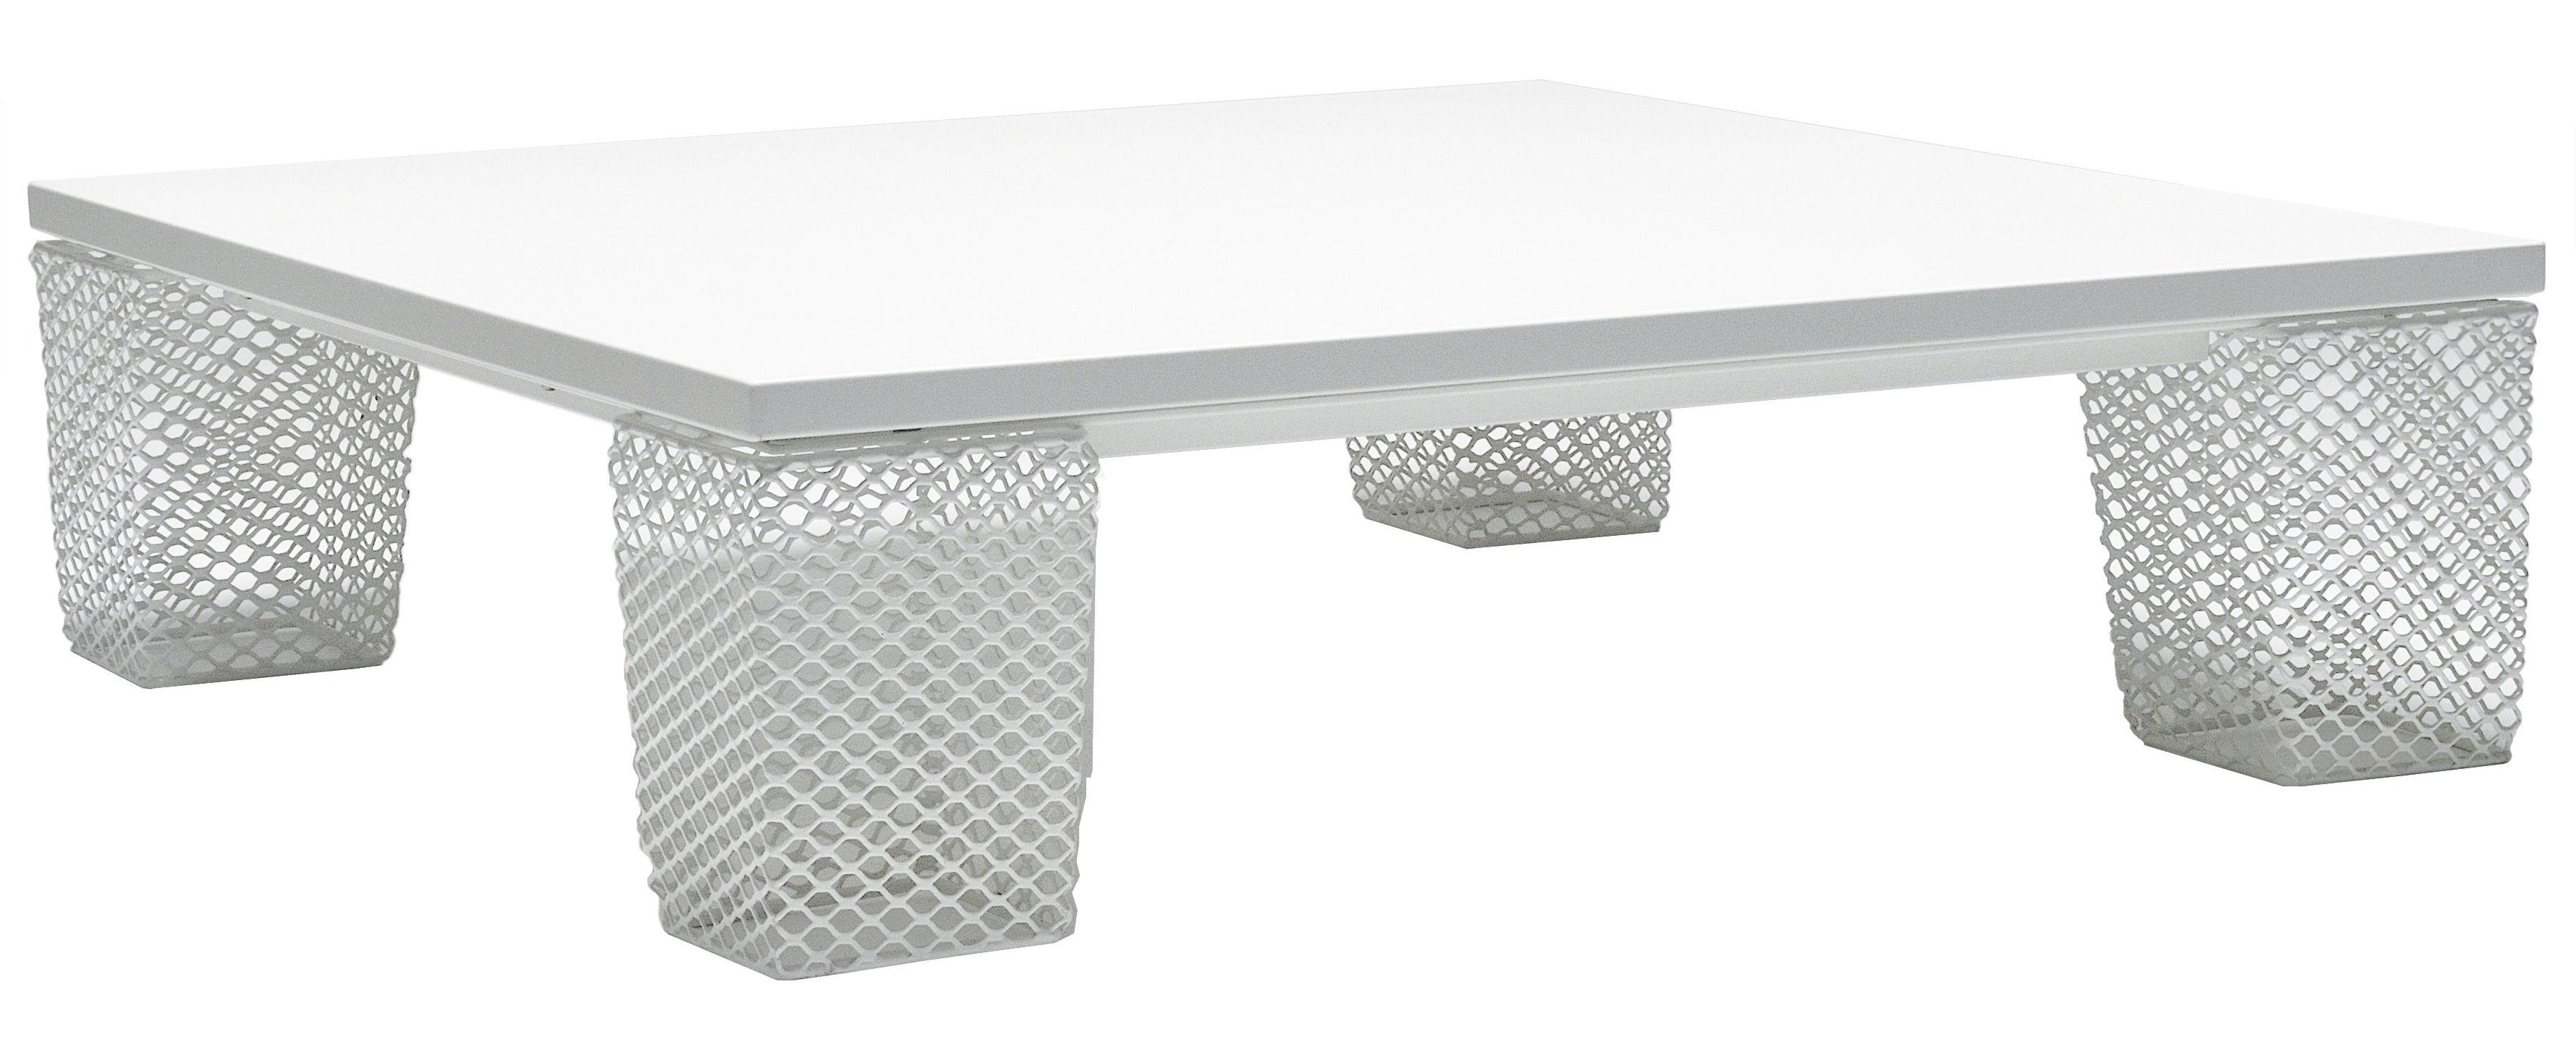 Möbel - Couchtische - Ivy Couchtisch quadratisch - Emu - Weiß - Stahl